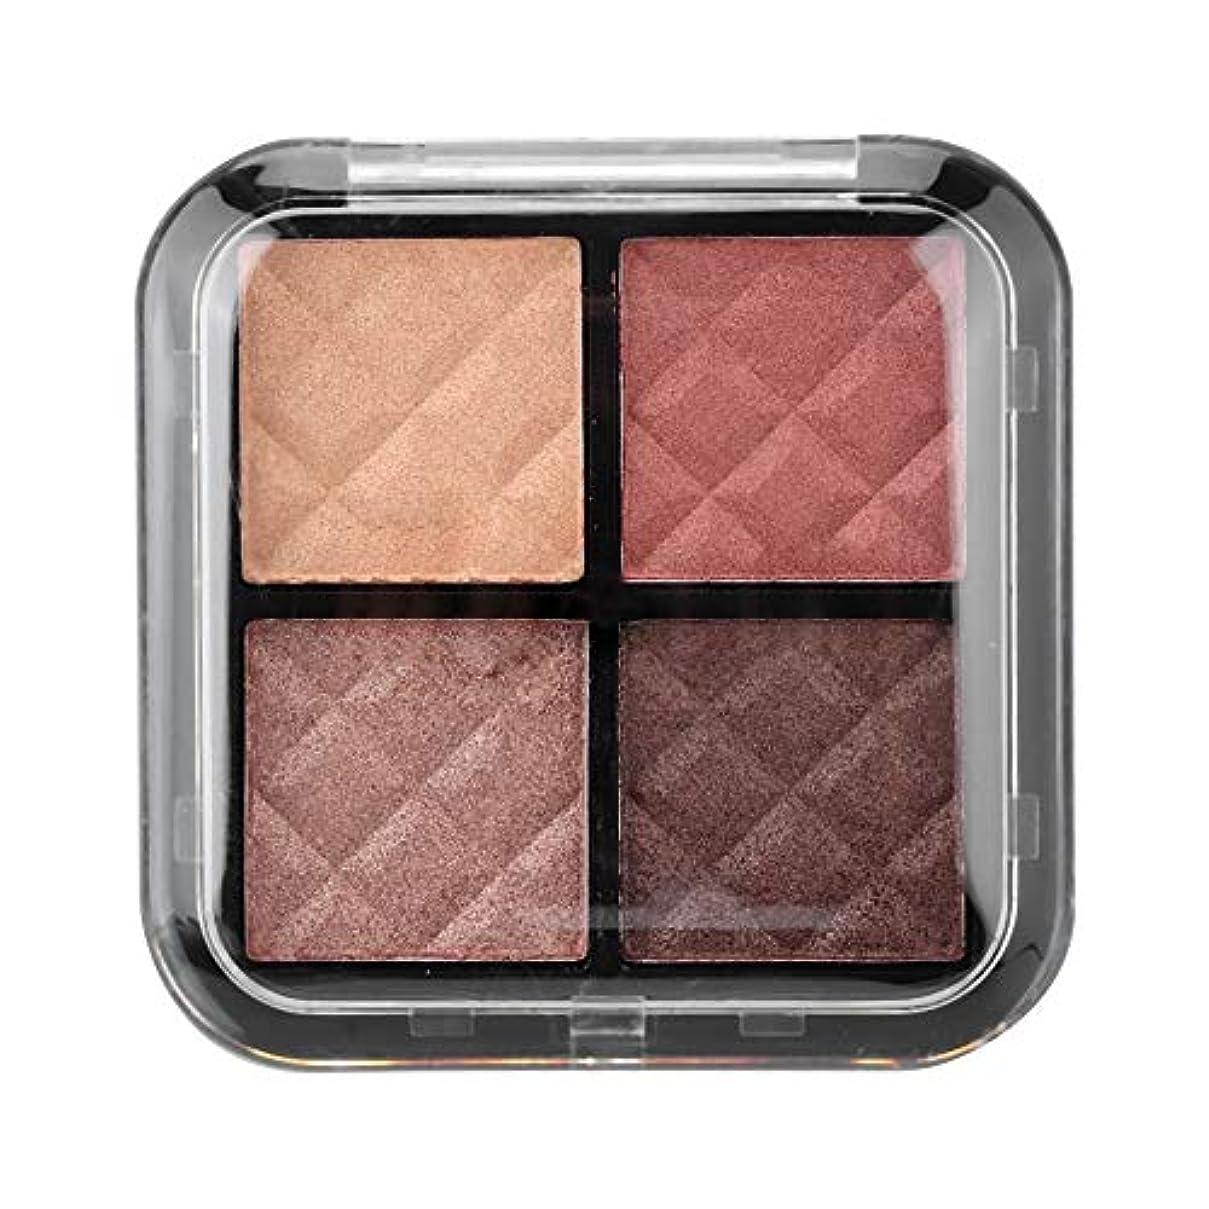 振動するとても勝利アイシャドウパレット 4色 化粧マット 化粧品ツール グロス アイシャドウパウダー(01)